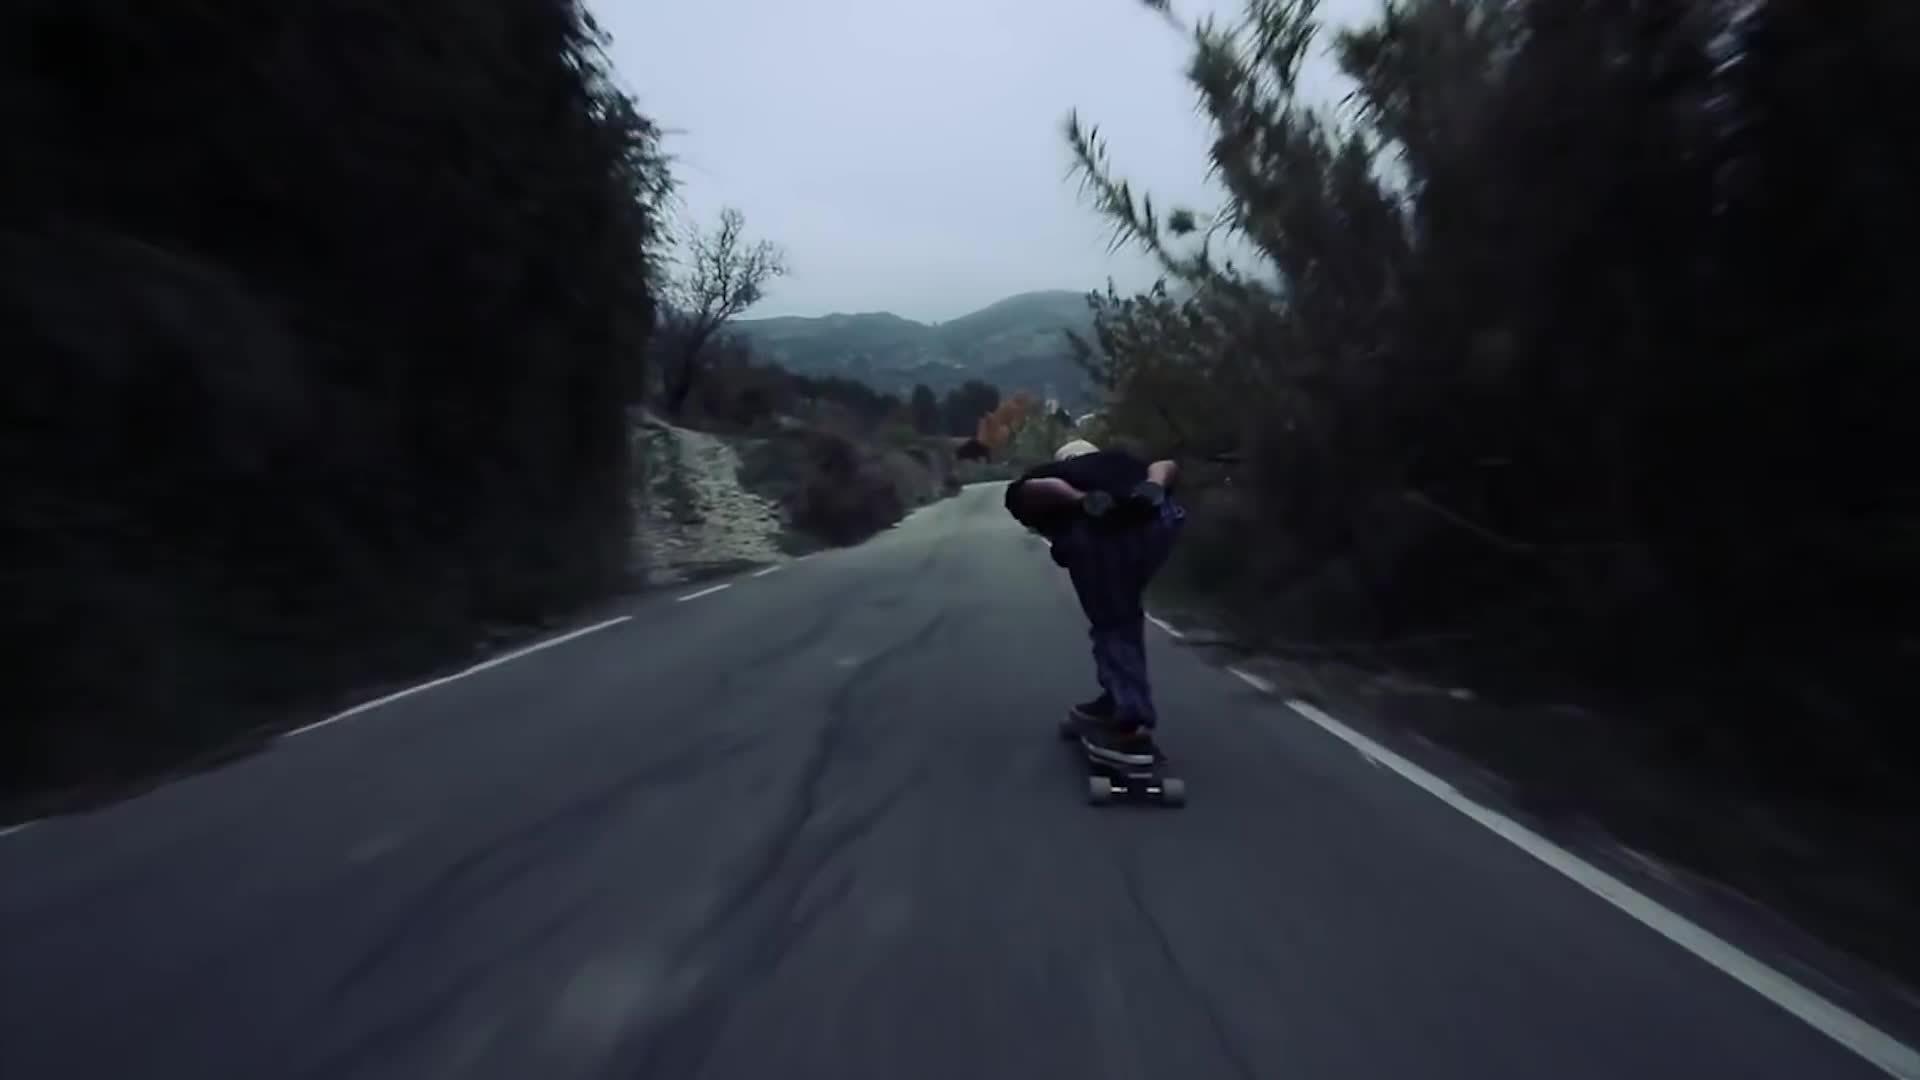 gifs, superathletegifs, wtf, Downhill Longboarding GIFs